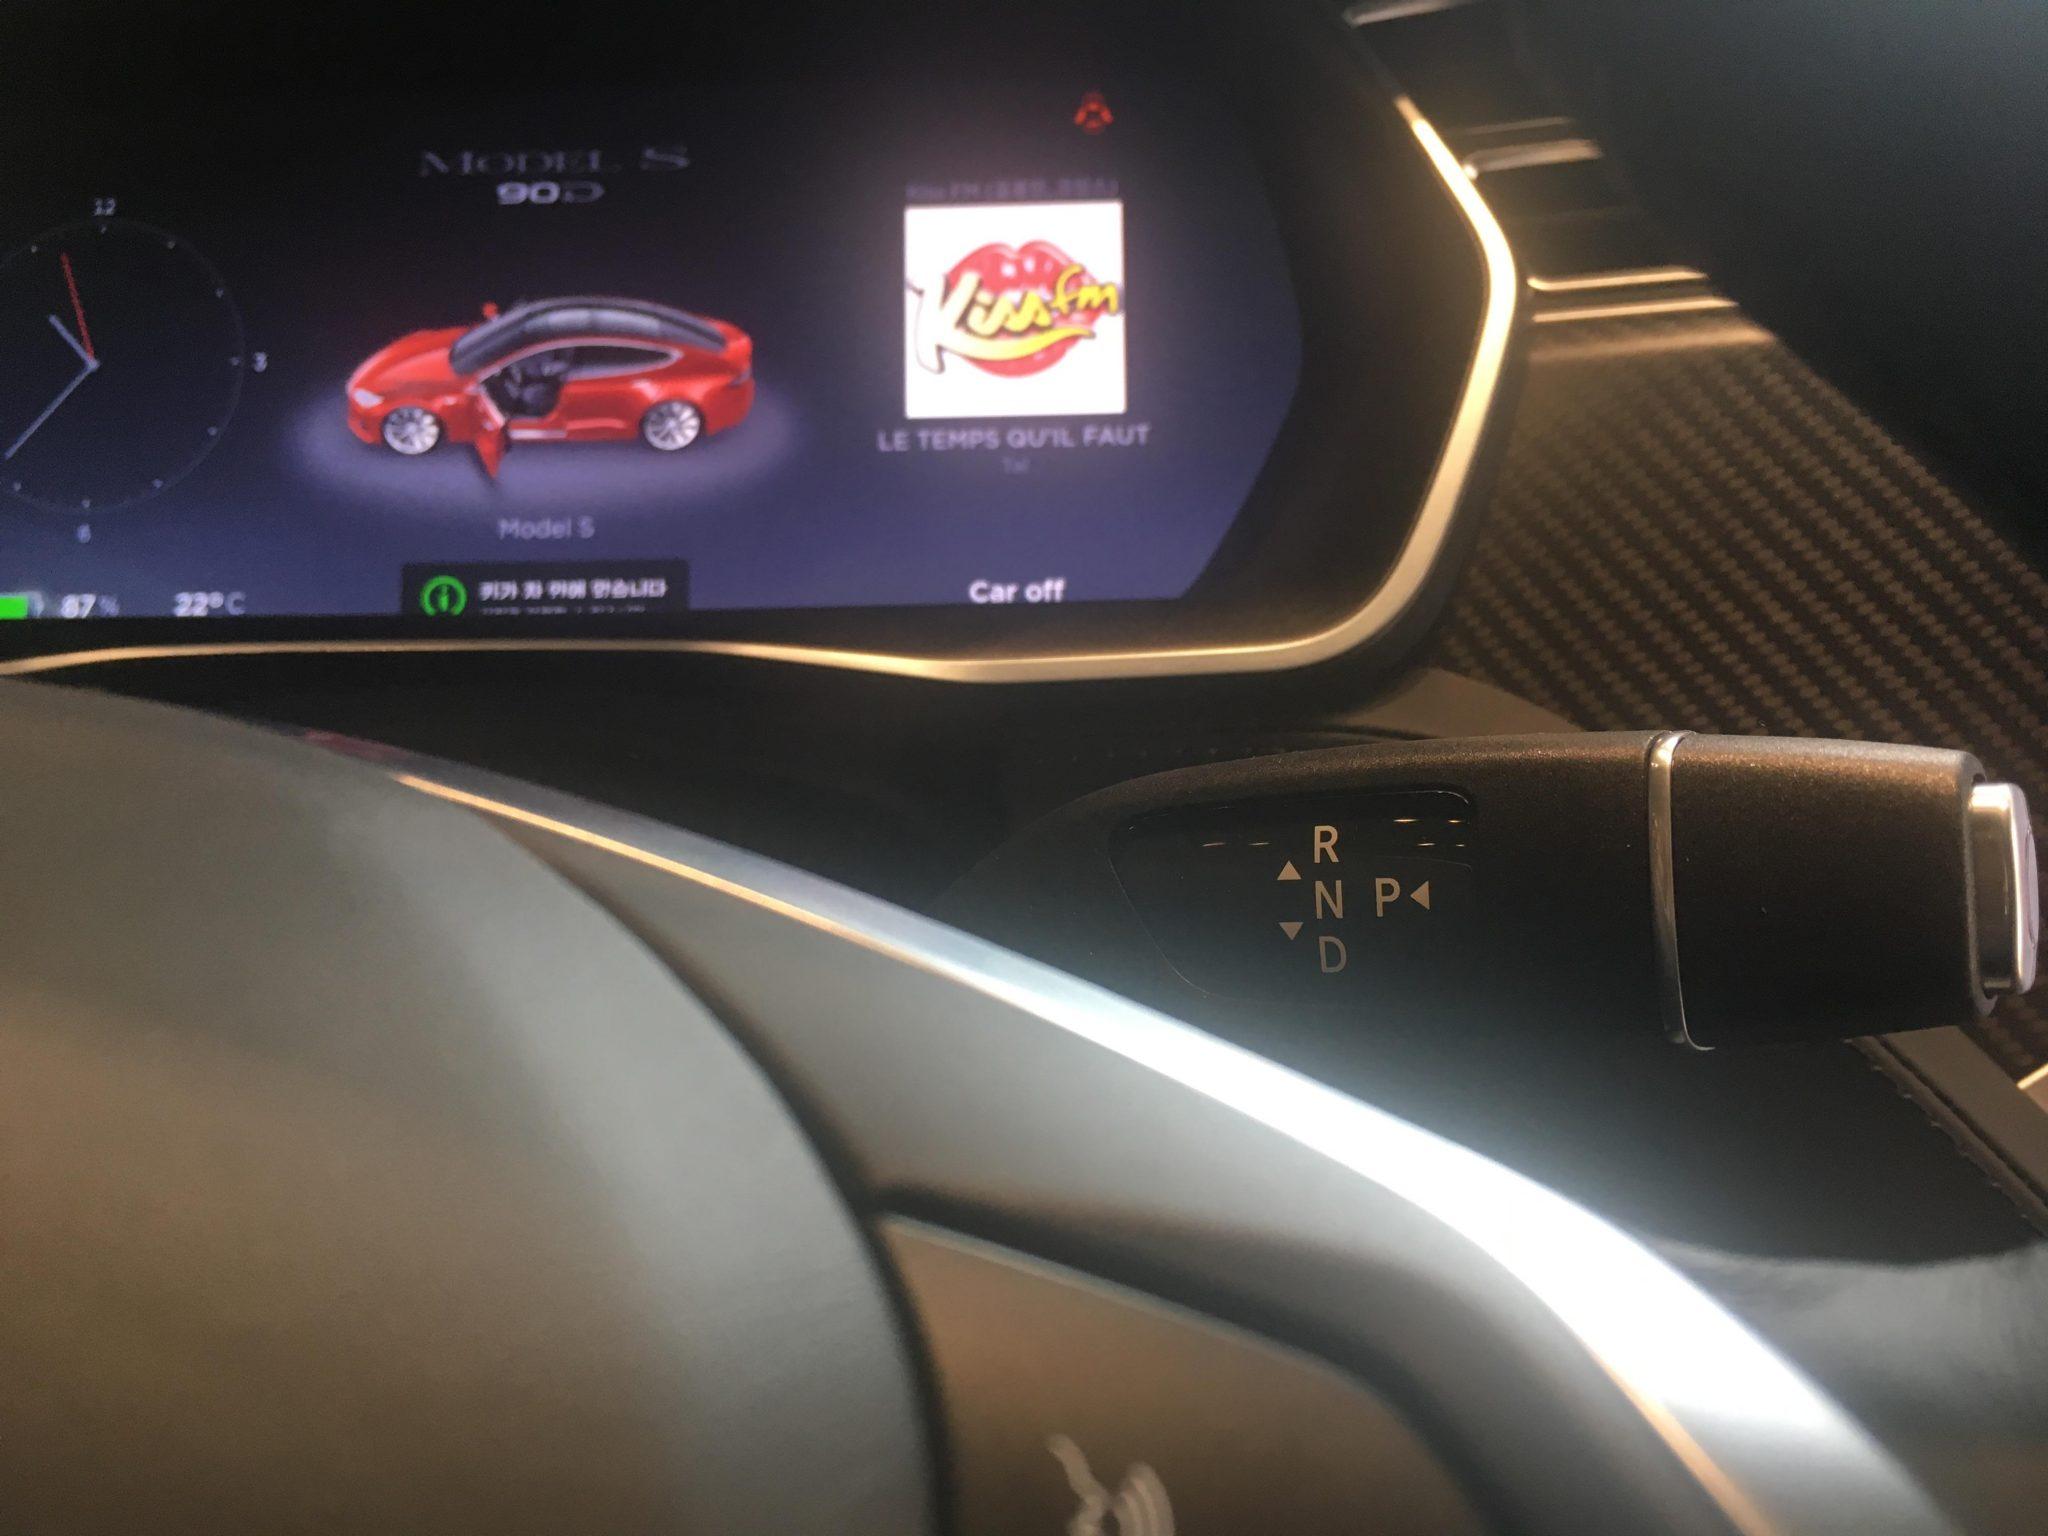 테슬라 모델 S 기어는 핸들 오른쪽